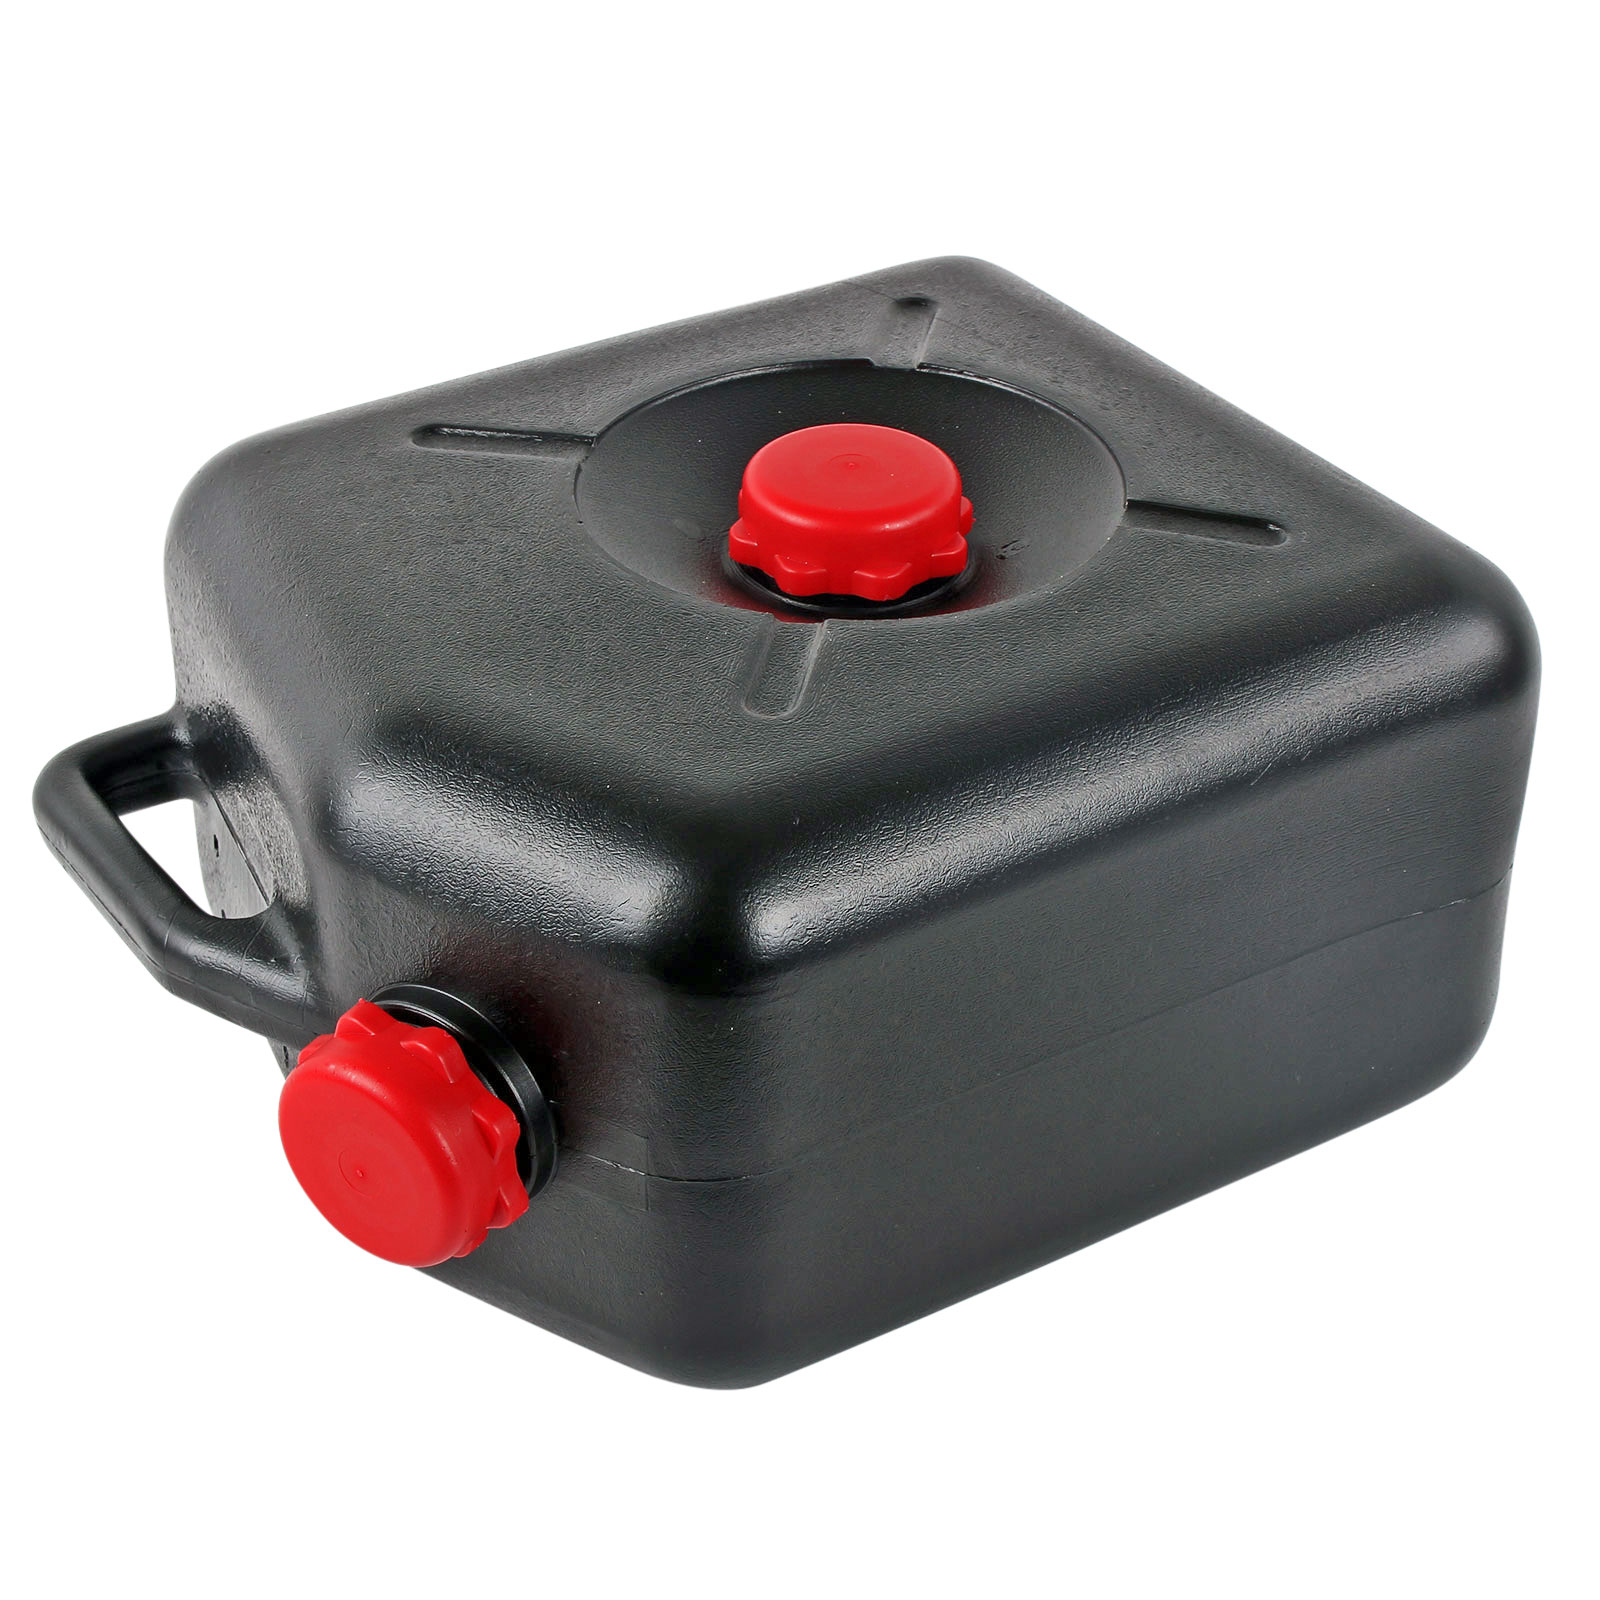 Abwassertank Wohnwagen schwarz 23 Liter Auffangöffnung, Schraubdeckel, Henkel